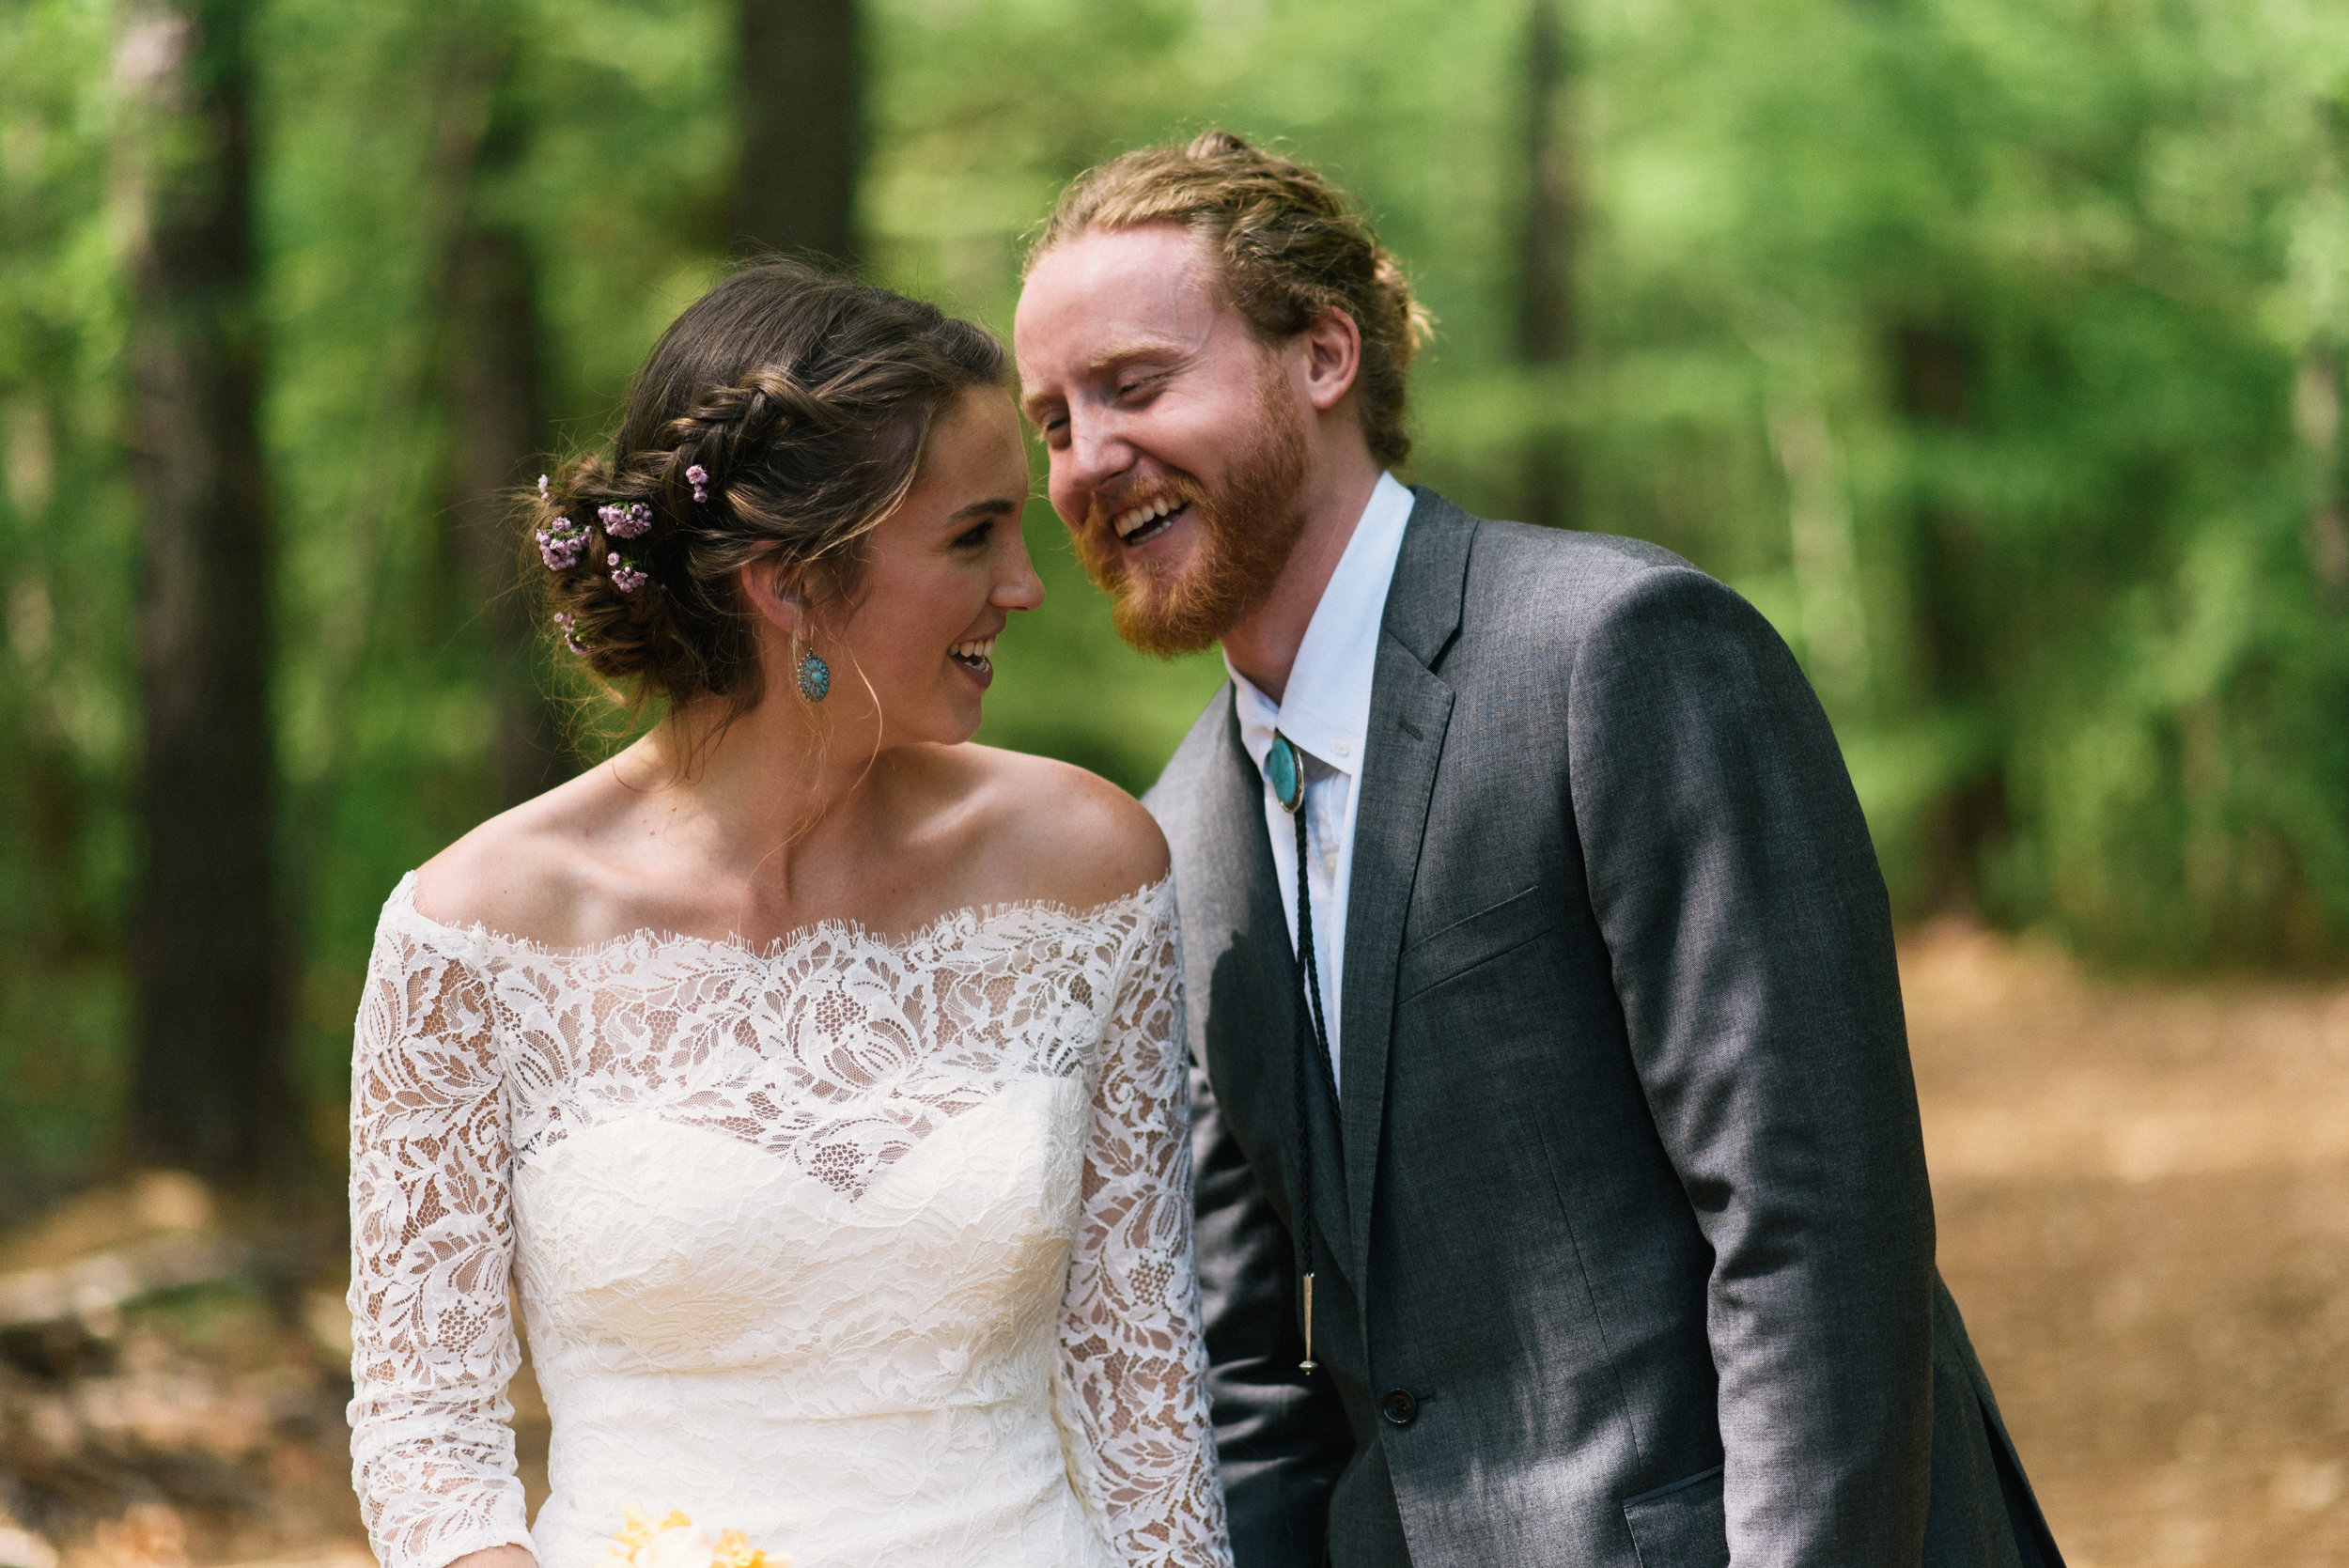 raleigh-elopement-photographer-raleigh-durham-wedding-maddie-and-devin- (31 of 162).jpg